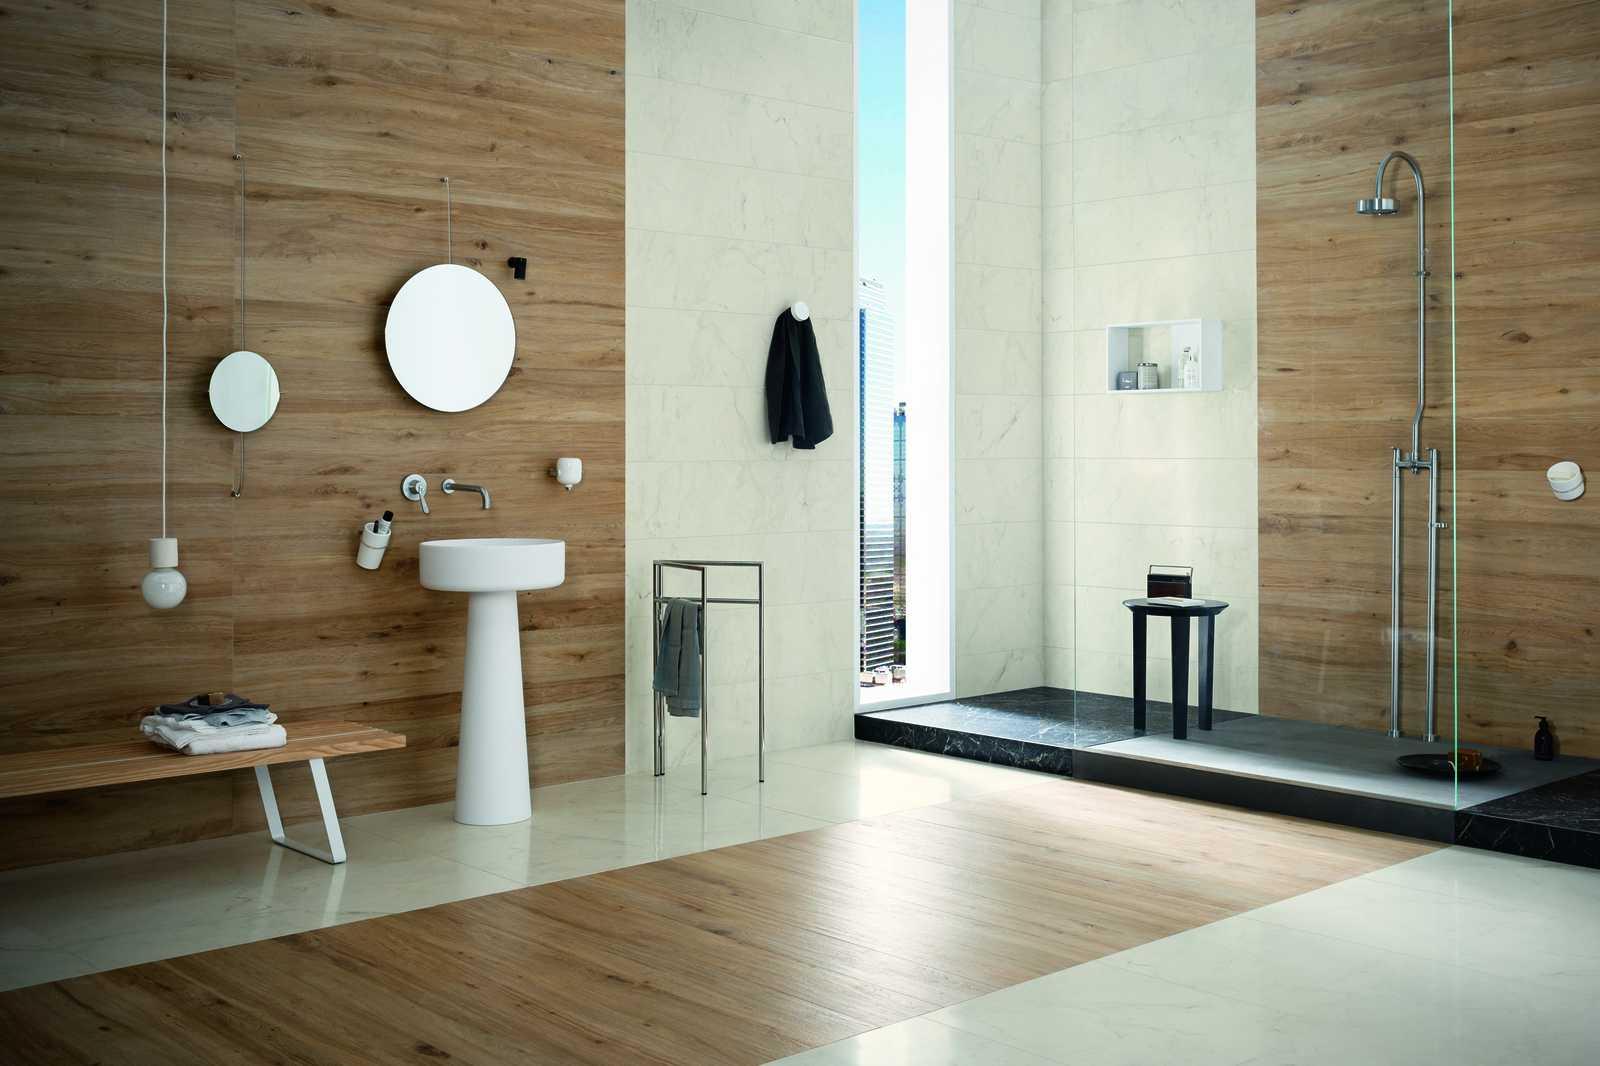 Piastrelle azulejos bagno awesome interesting piastrella da bagno